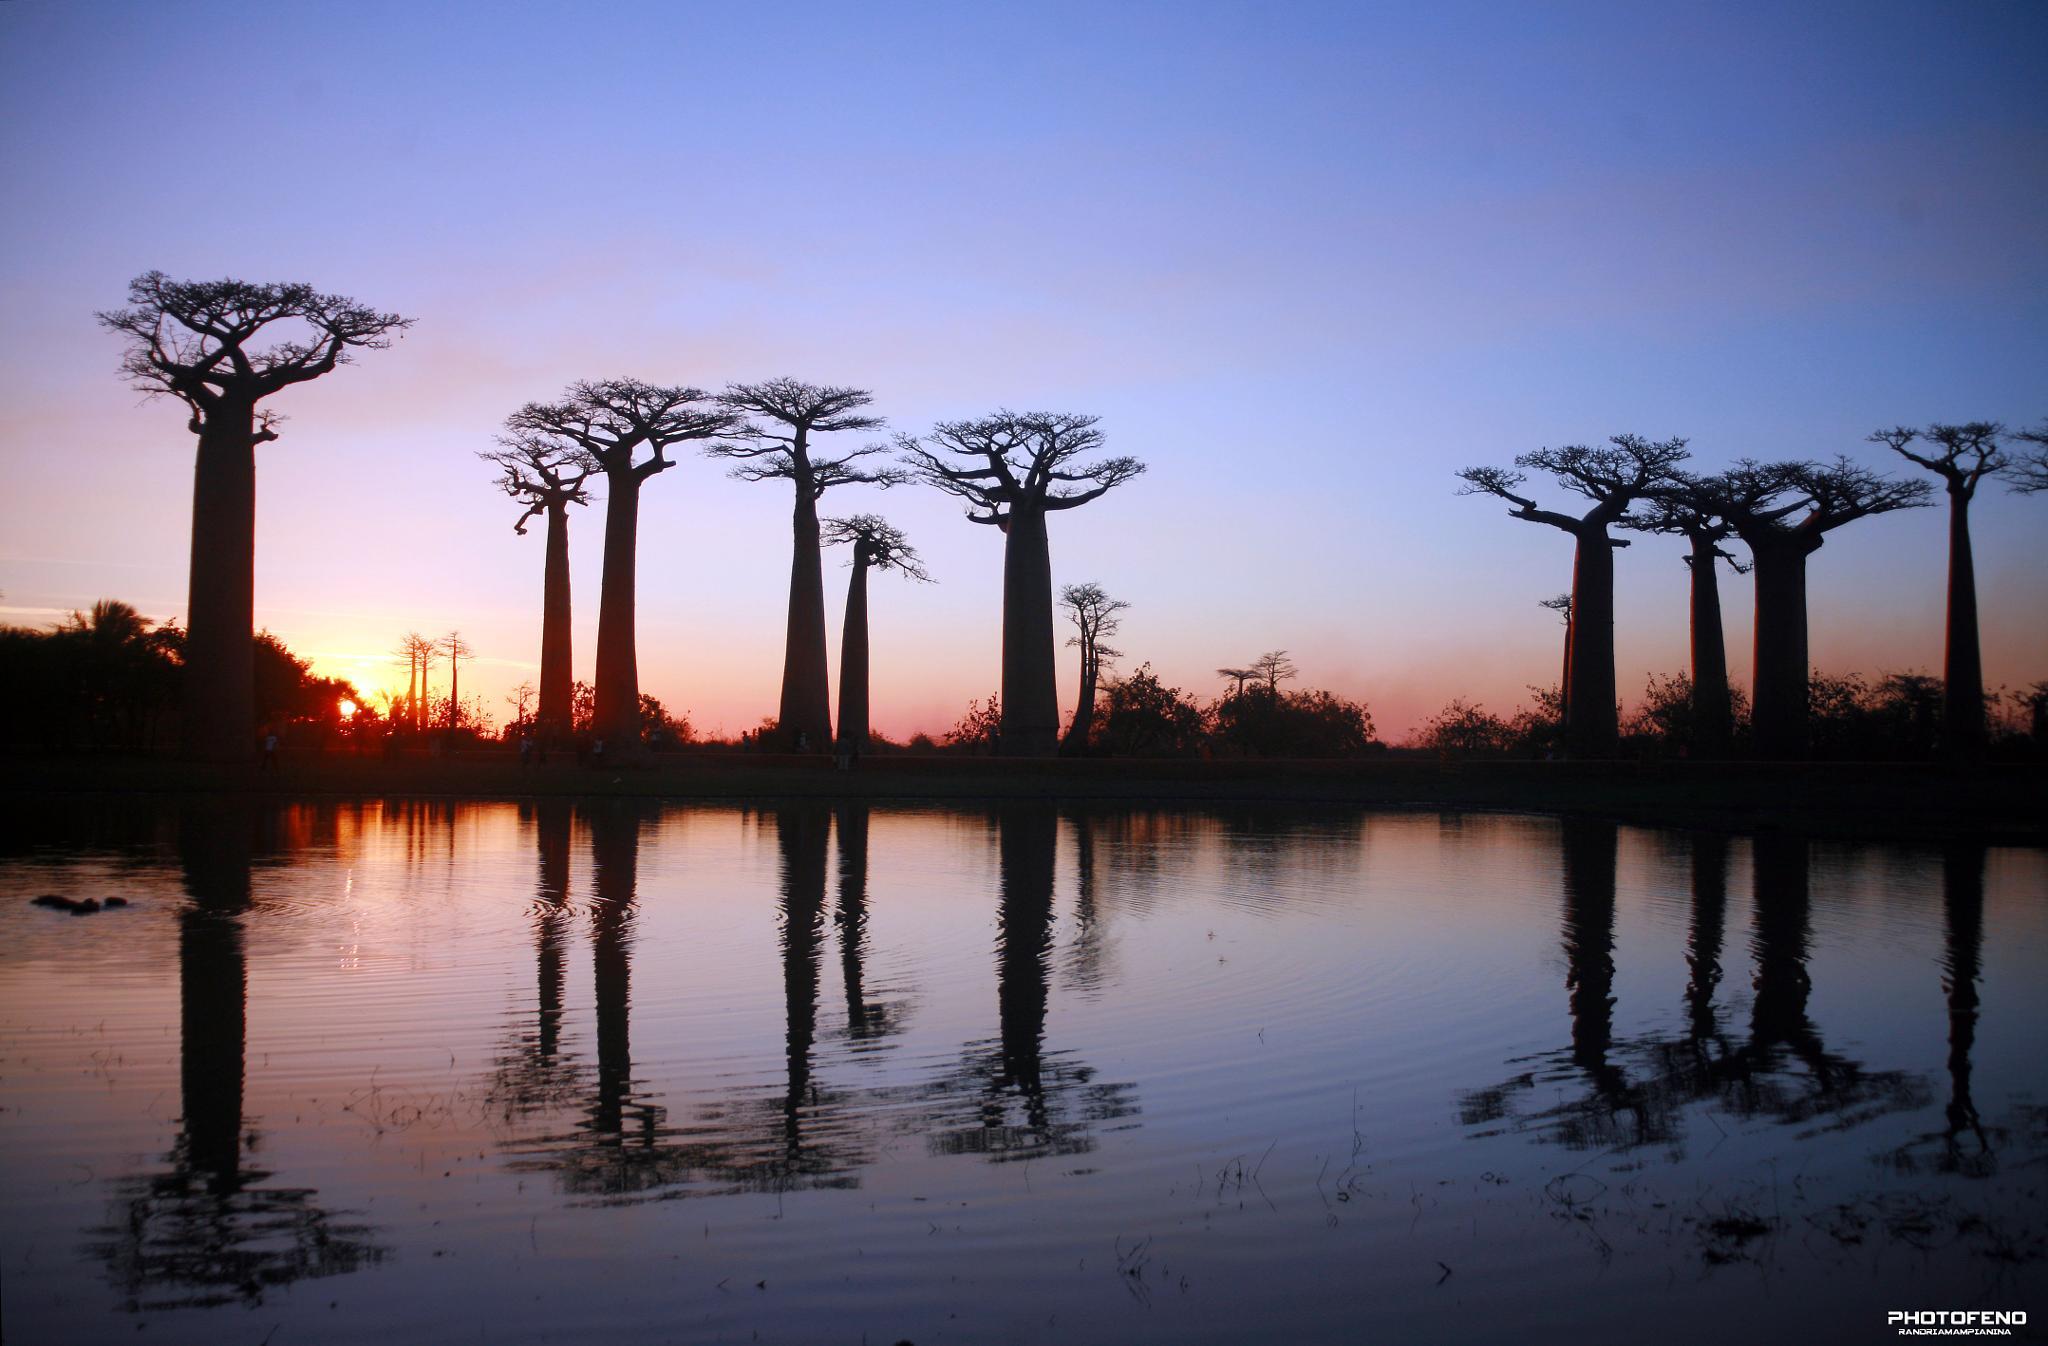 Allée de Baobab by Graphephoto